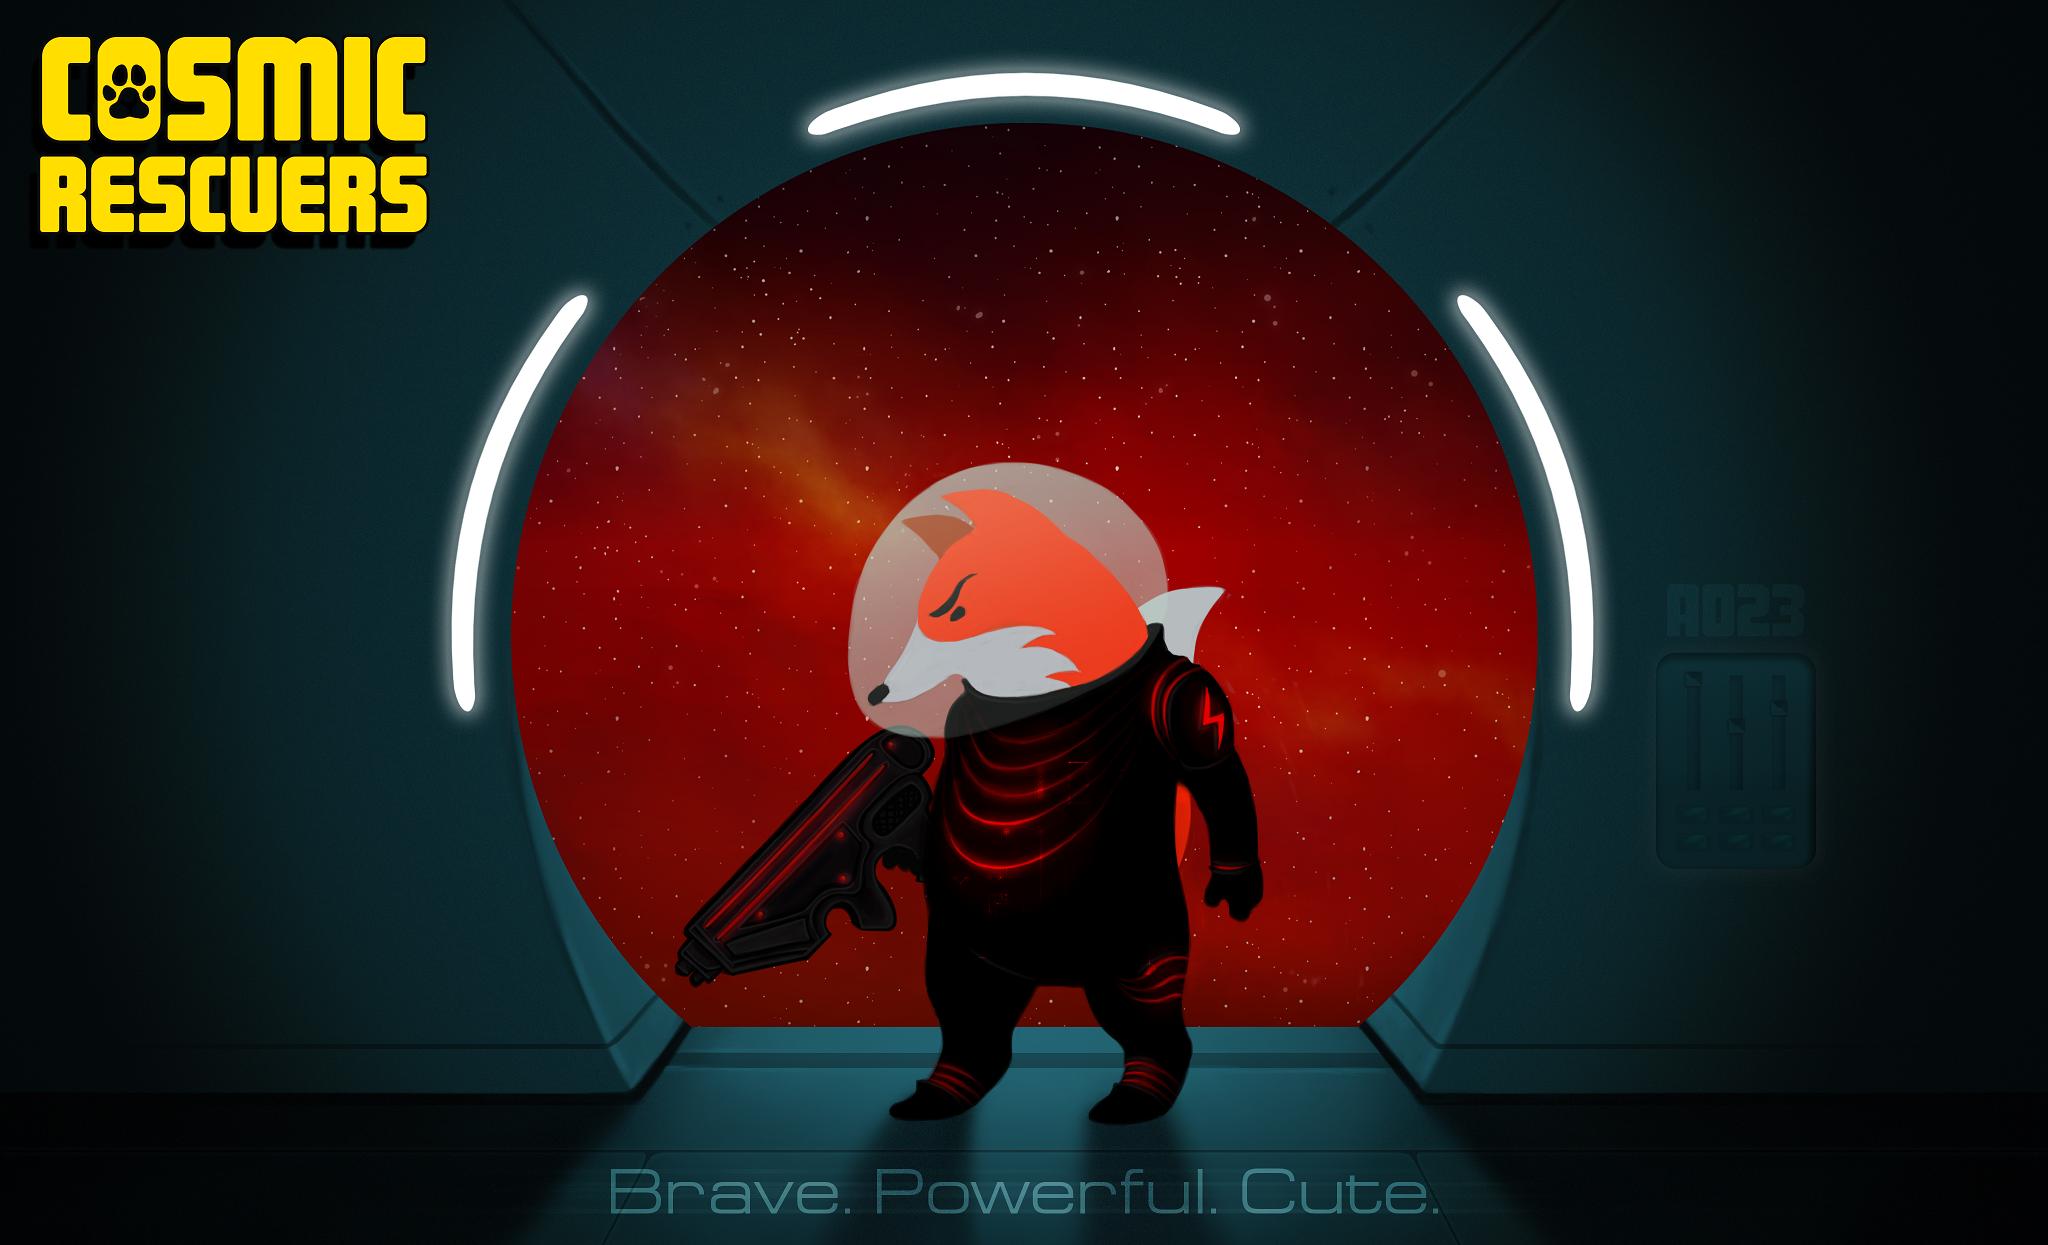 Cosmic Rescuers